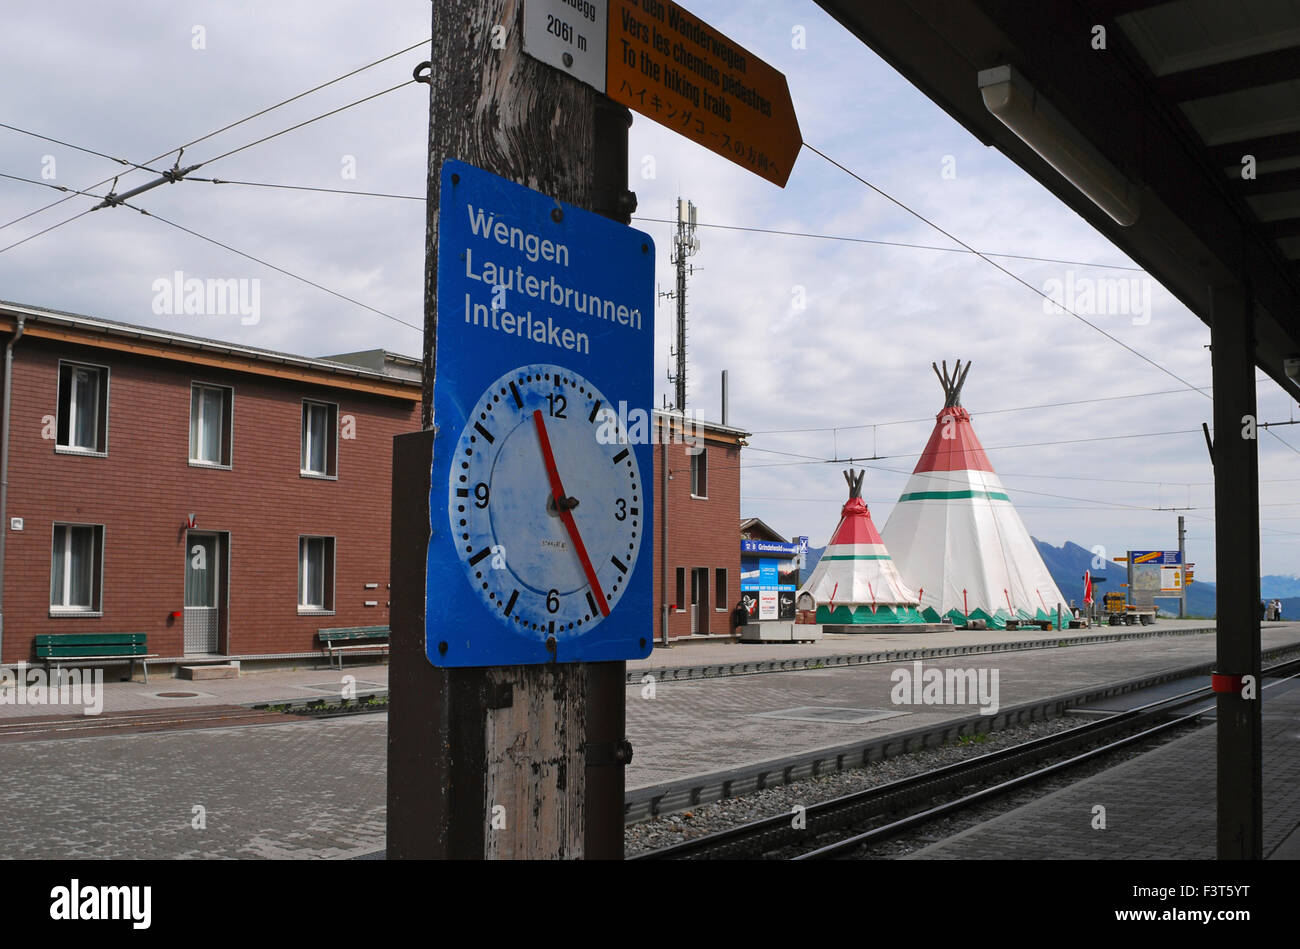 Kleine Scheidegg train station Jungfrau region Switzerland - Stock Image